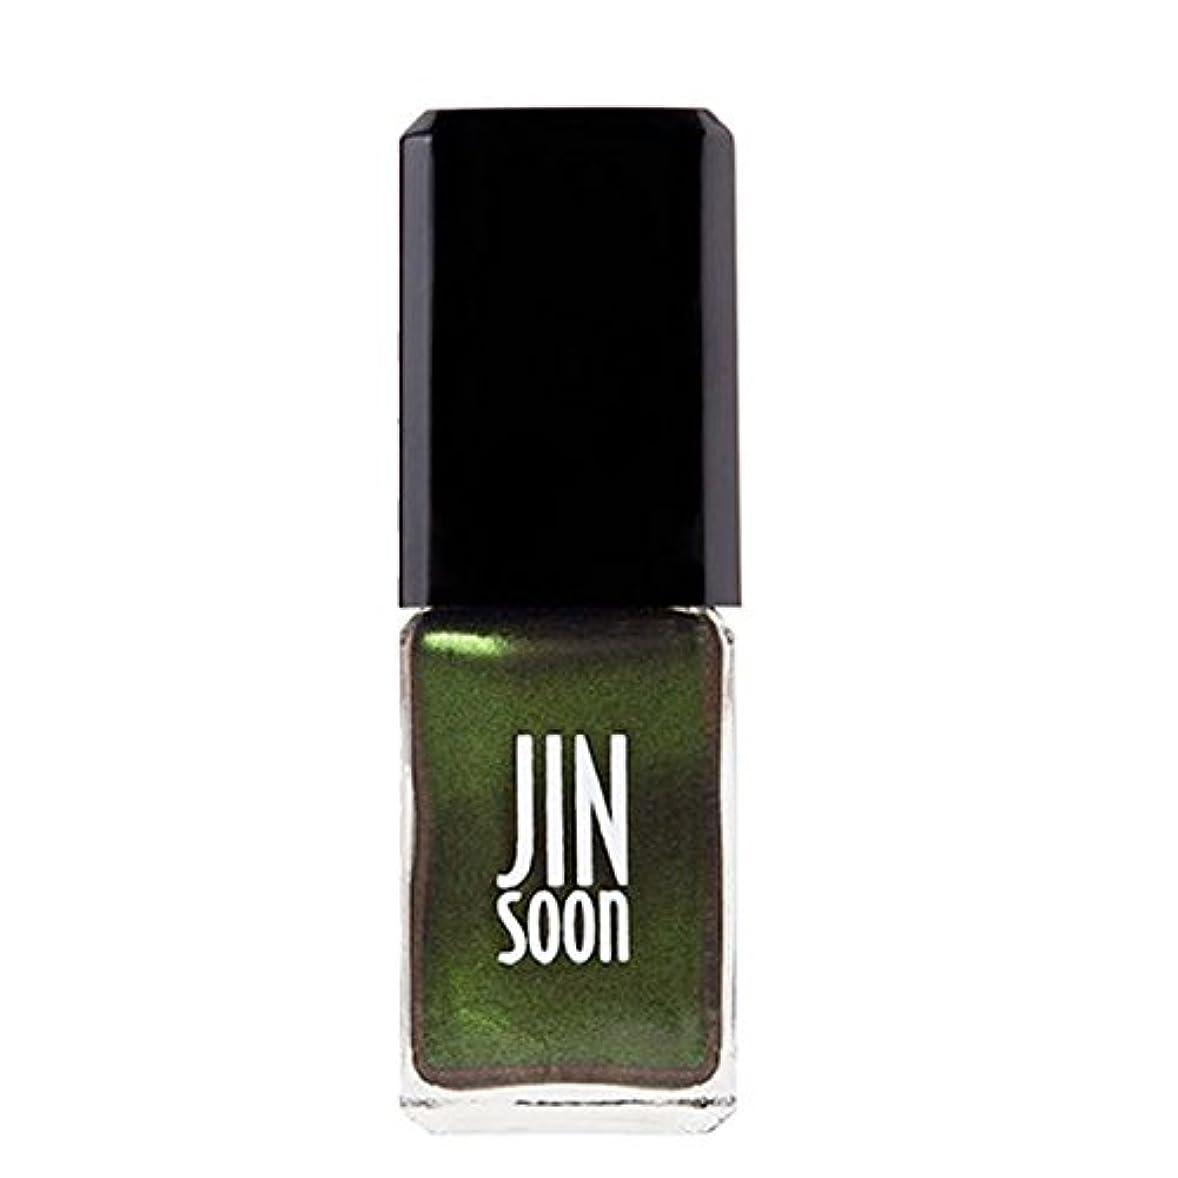 [ジンスーン] [ jinsoon] エピドート(ホログラフィック オリーブ グリーン)EPIDOTE ジンスーン 5フリー ネイルポリッシュ 【グリーン】11mL